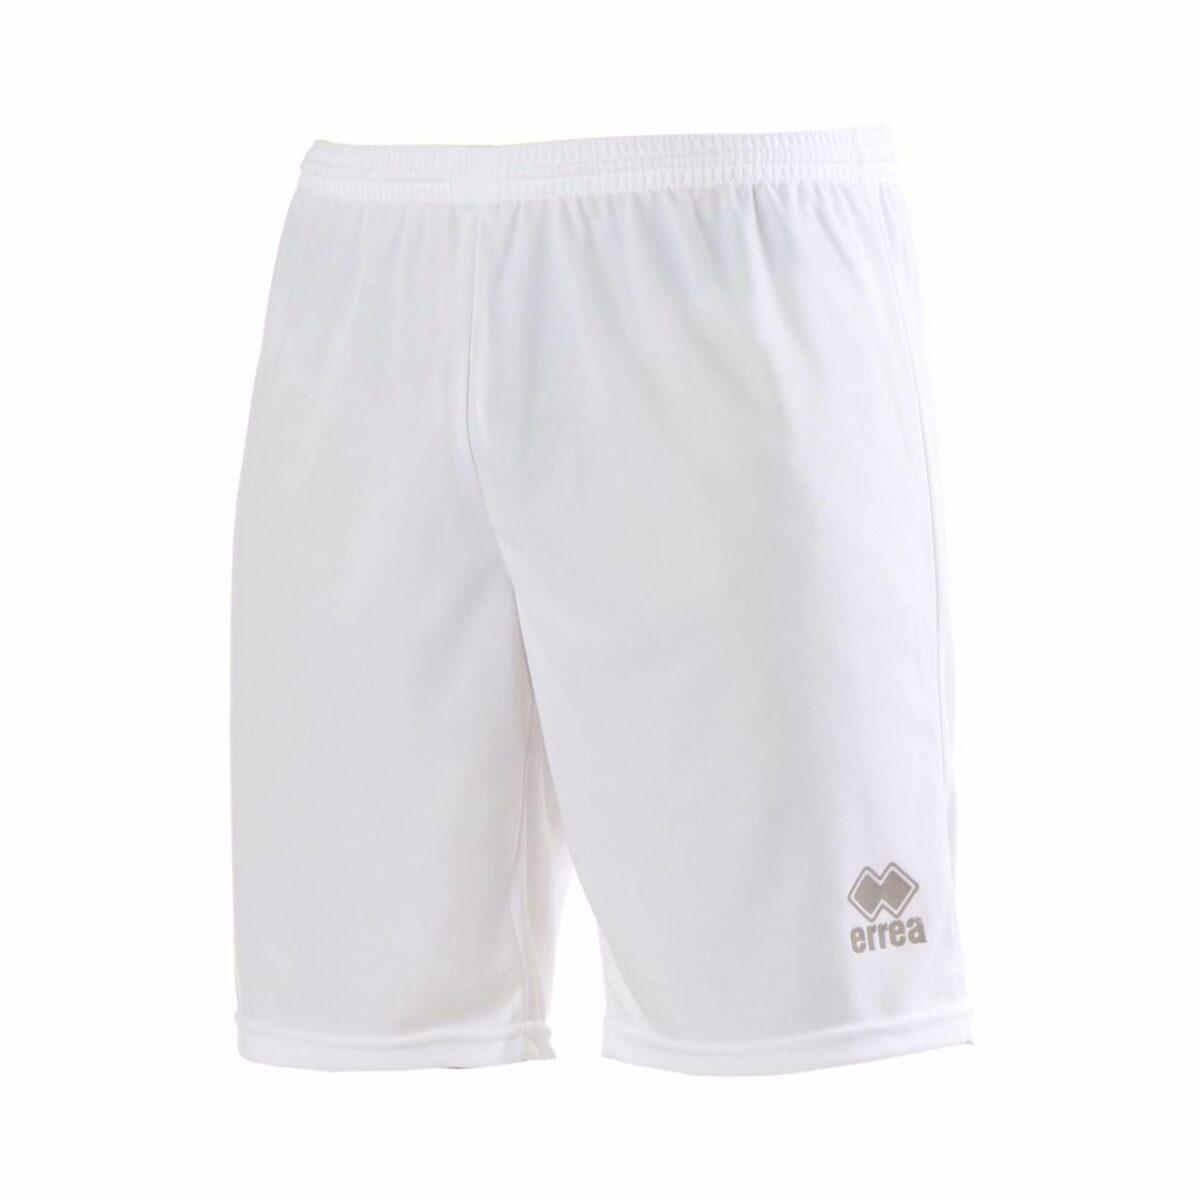 Errea Junior Maxi Skin Shorts A896